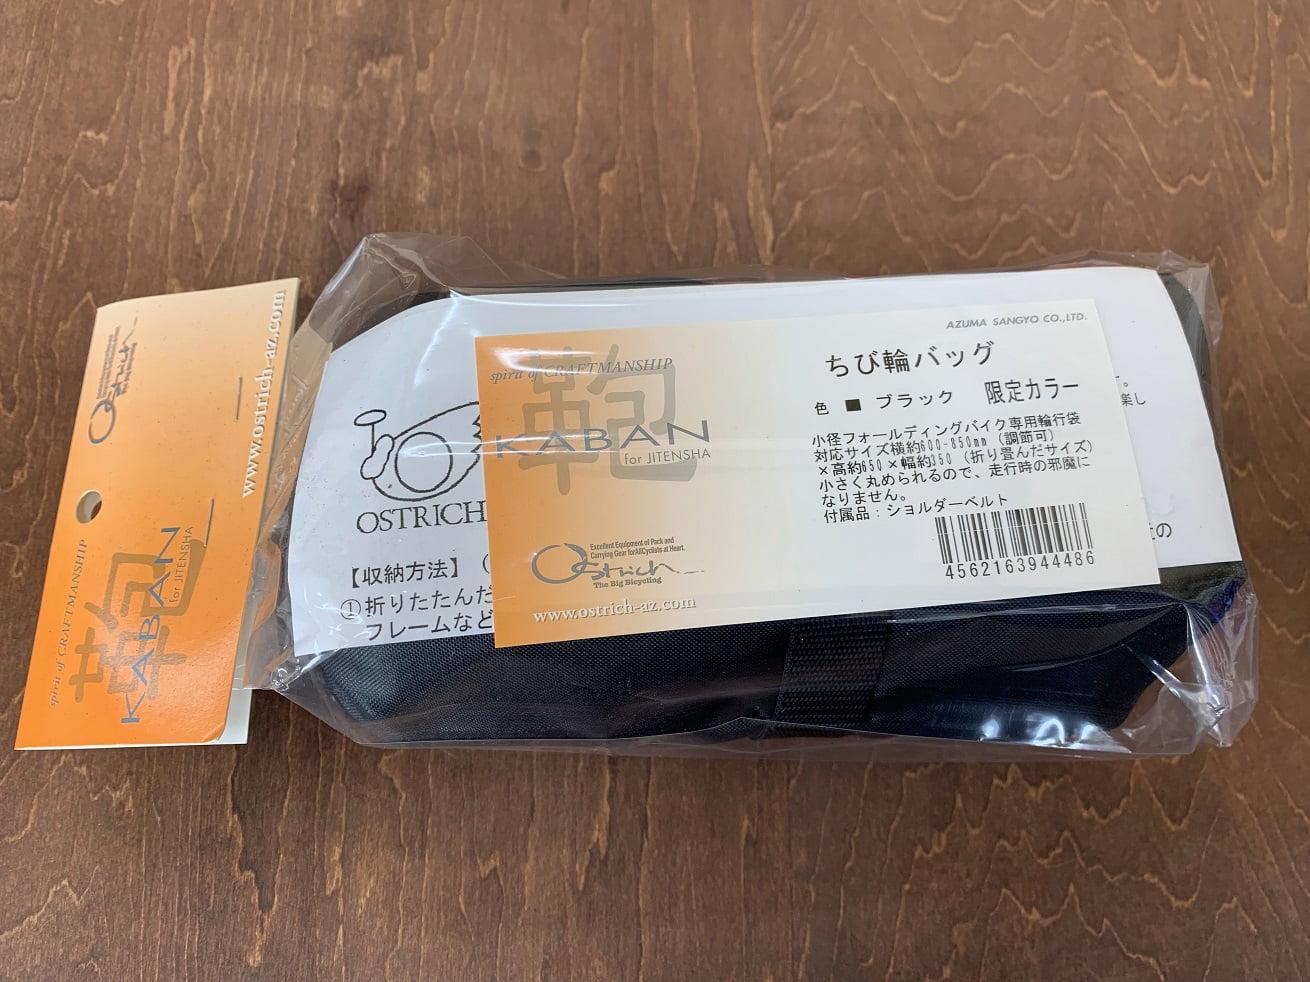 オーストリッチ ちび輪バッグ輪行袋 限定カラー黒